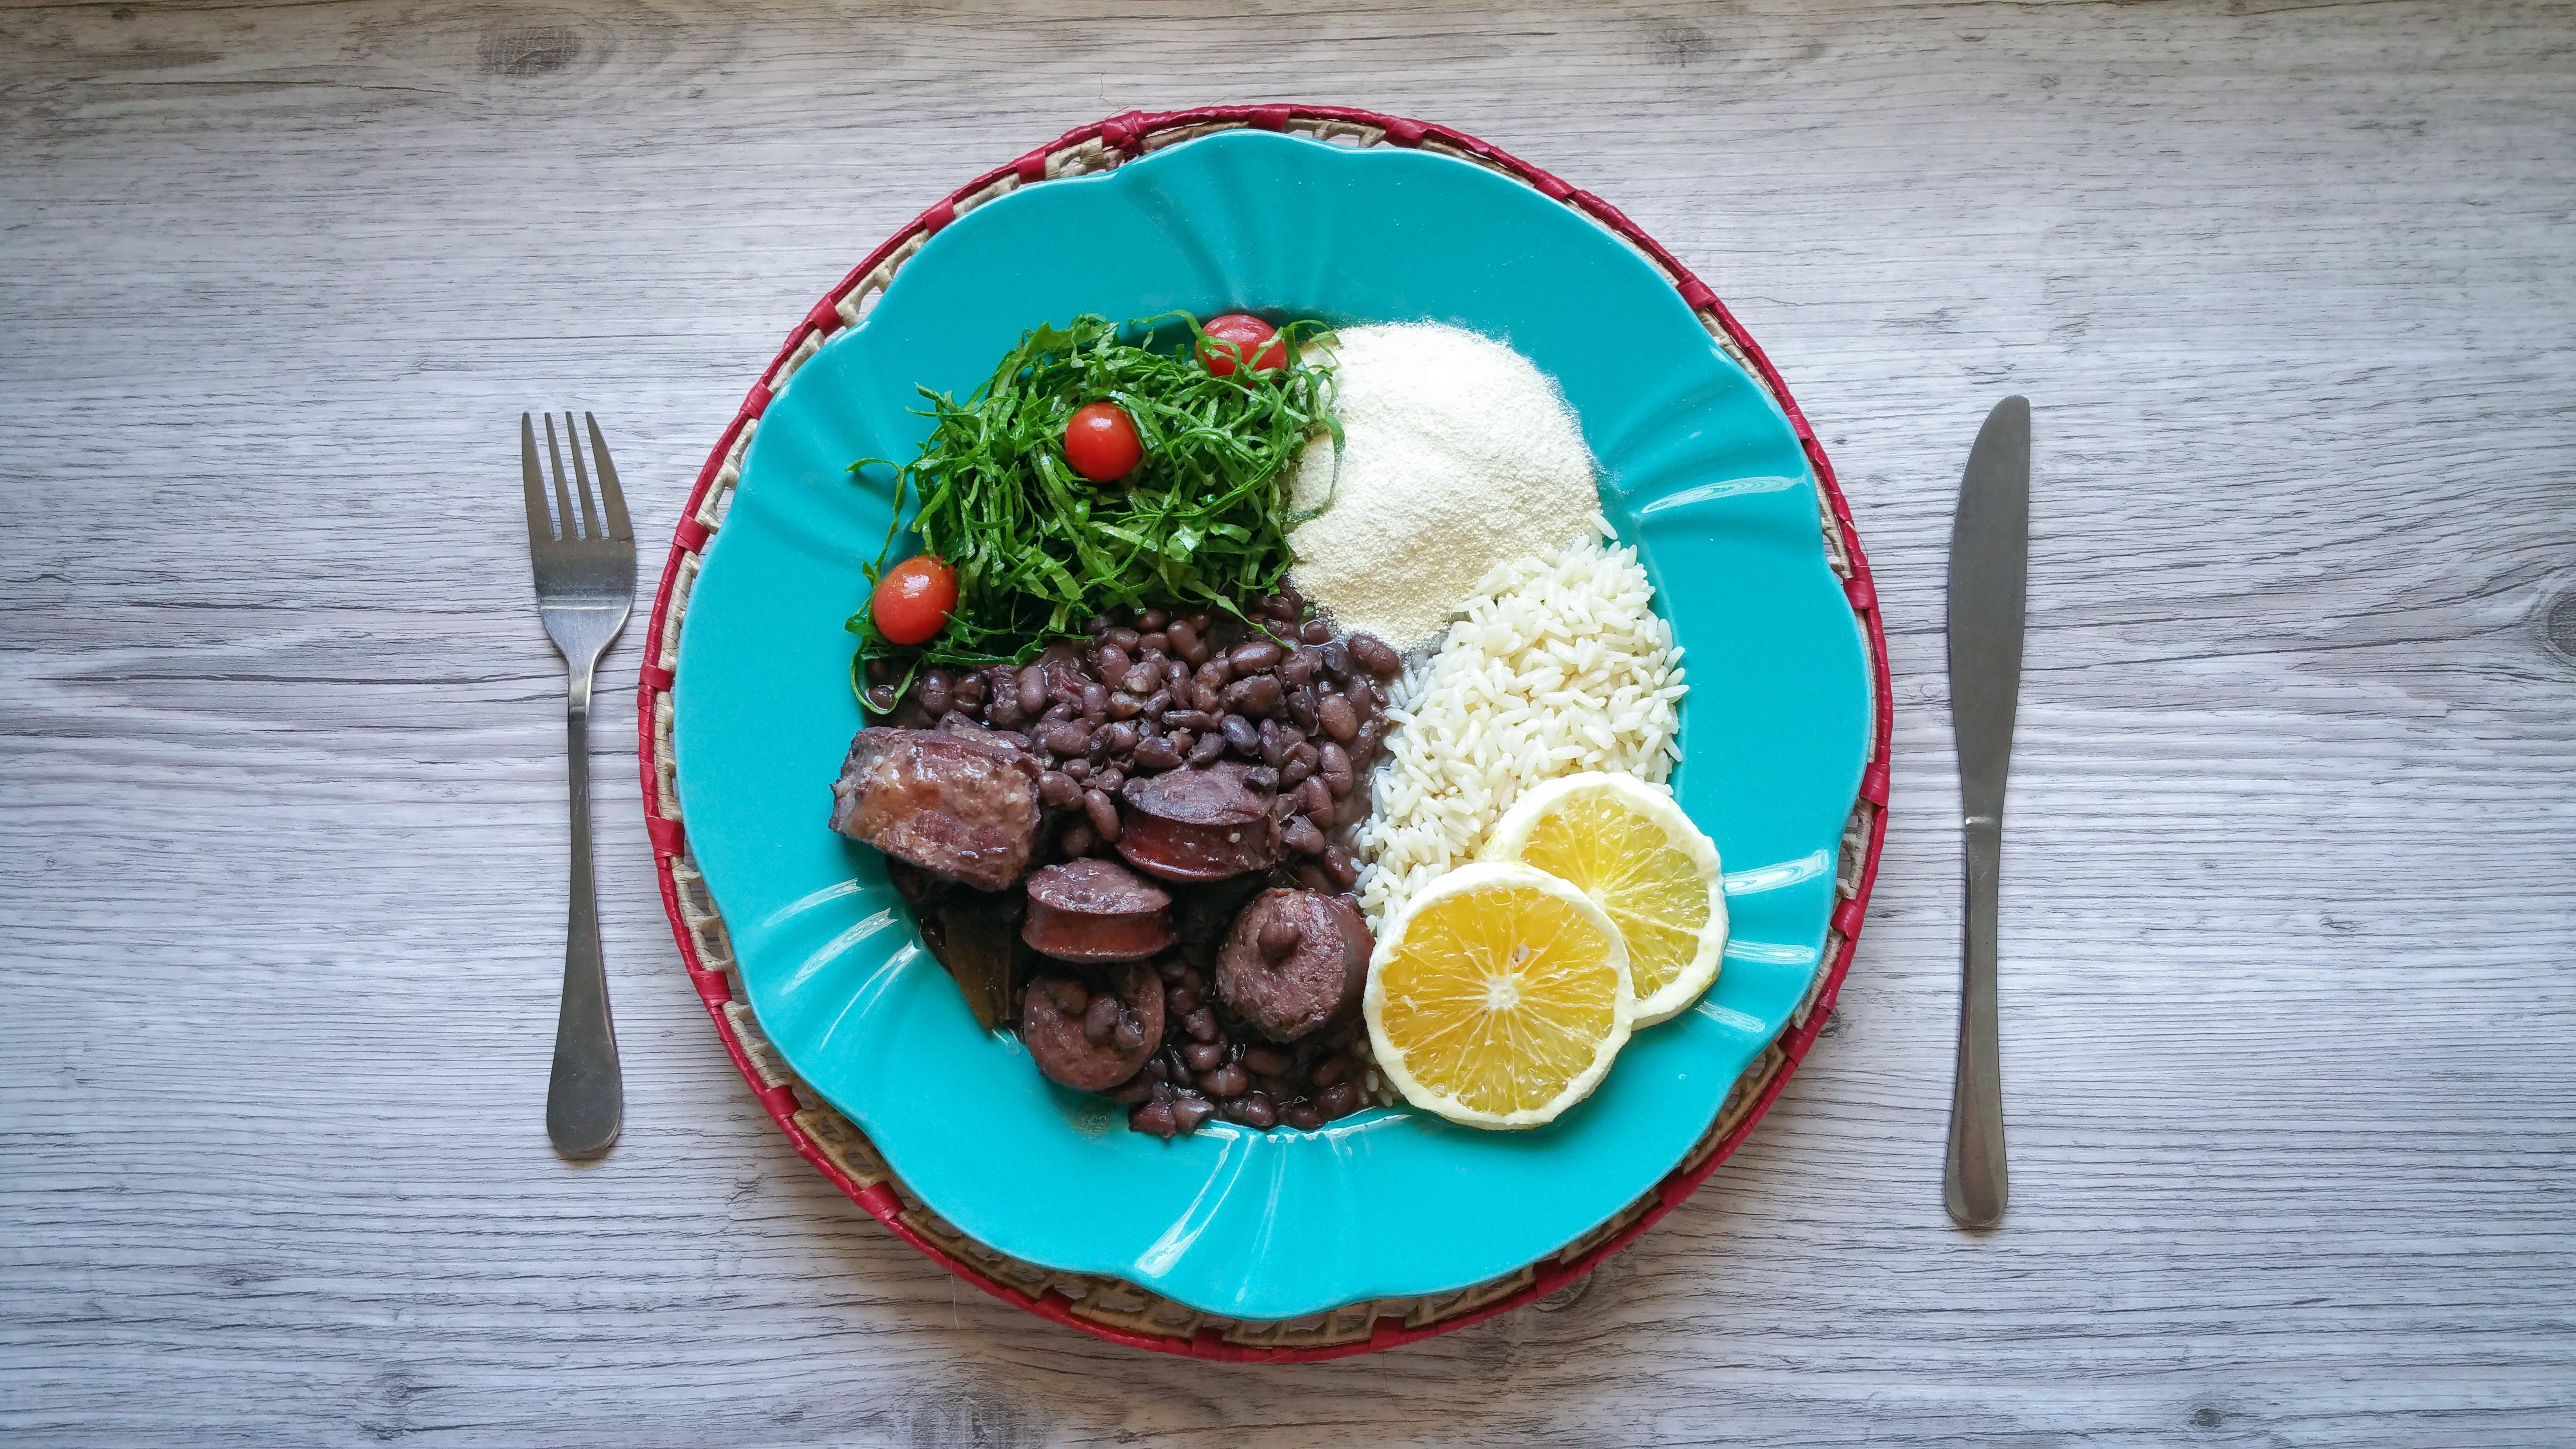 comida: coisas que brasileiros sentem falta